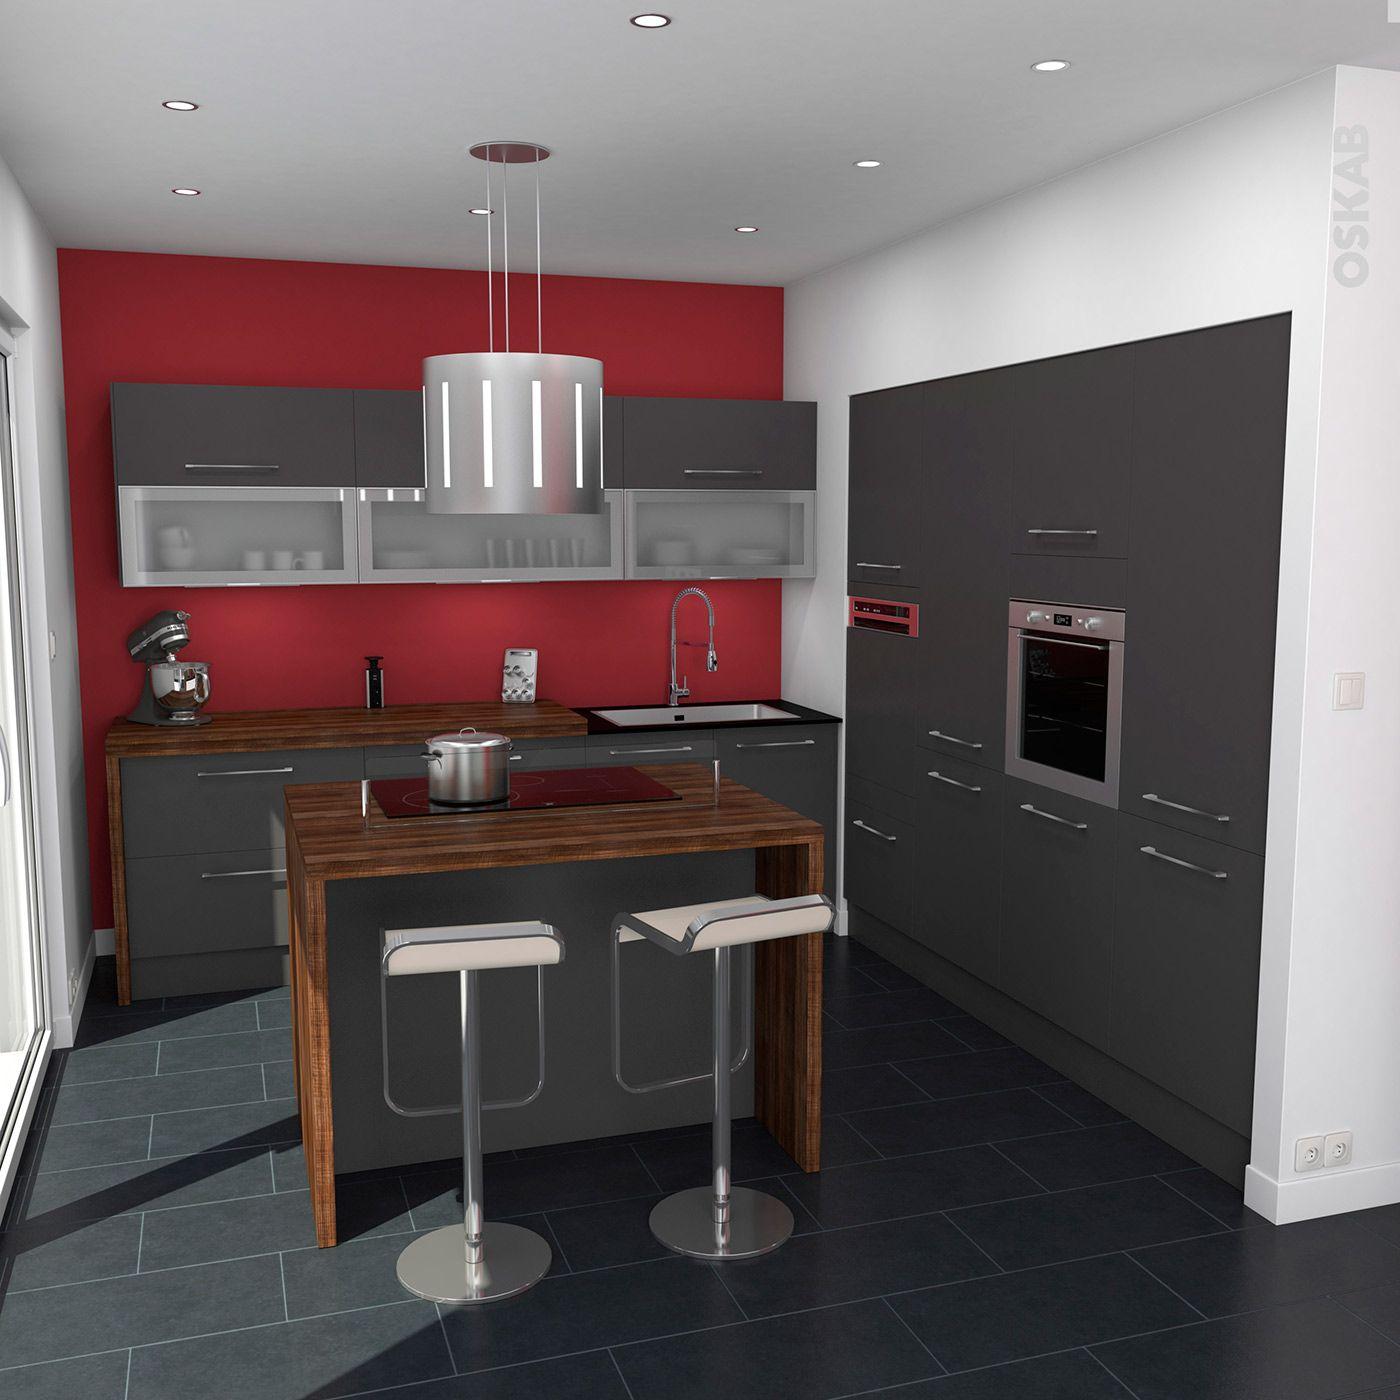 Cuisine, plan de travail and petite cuisine on pinterest